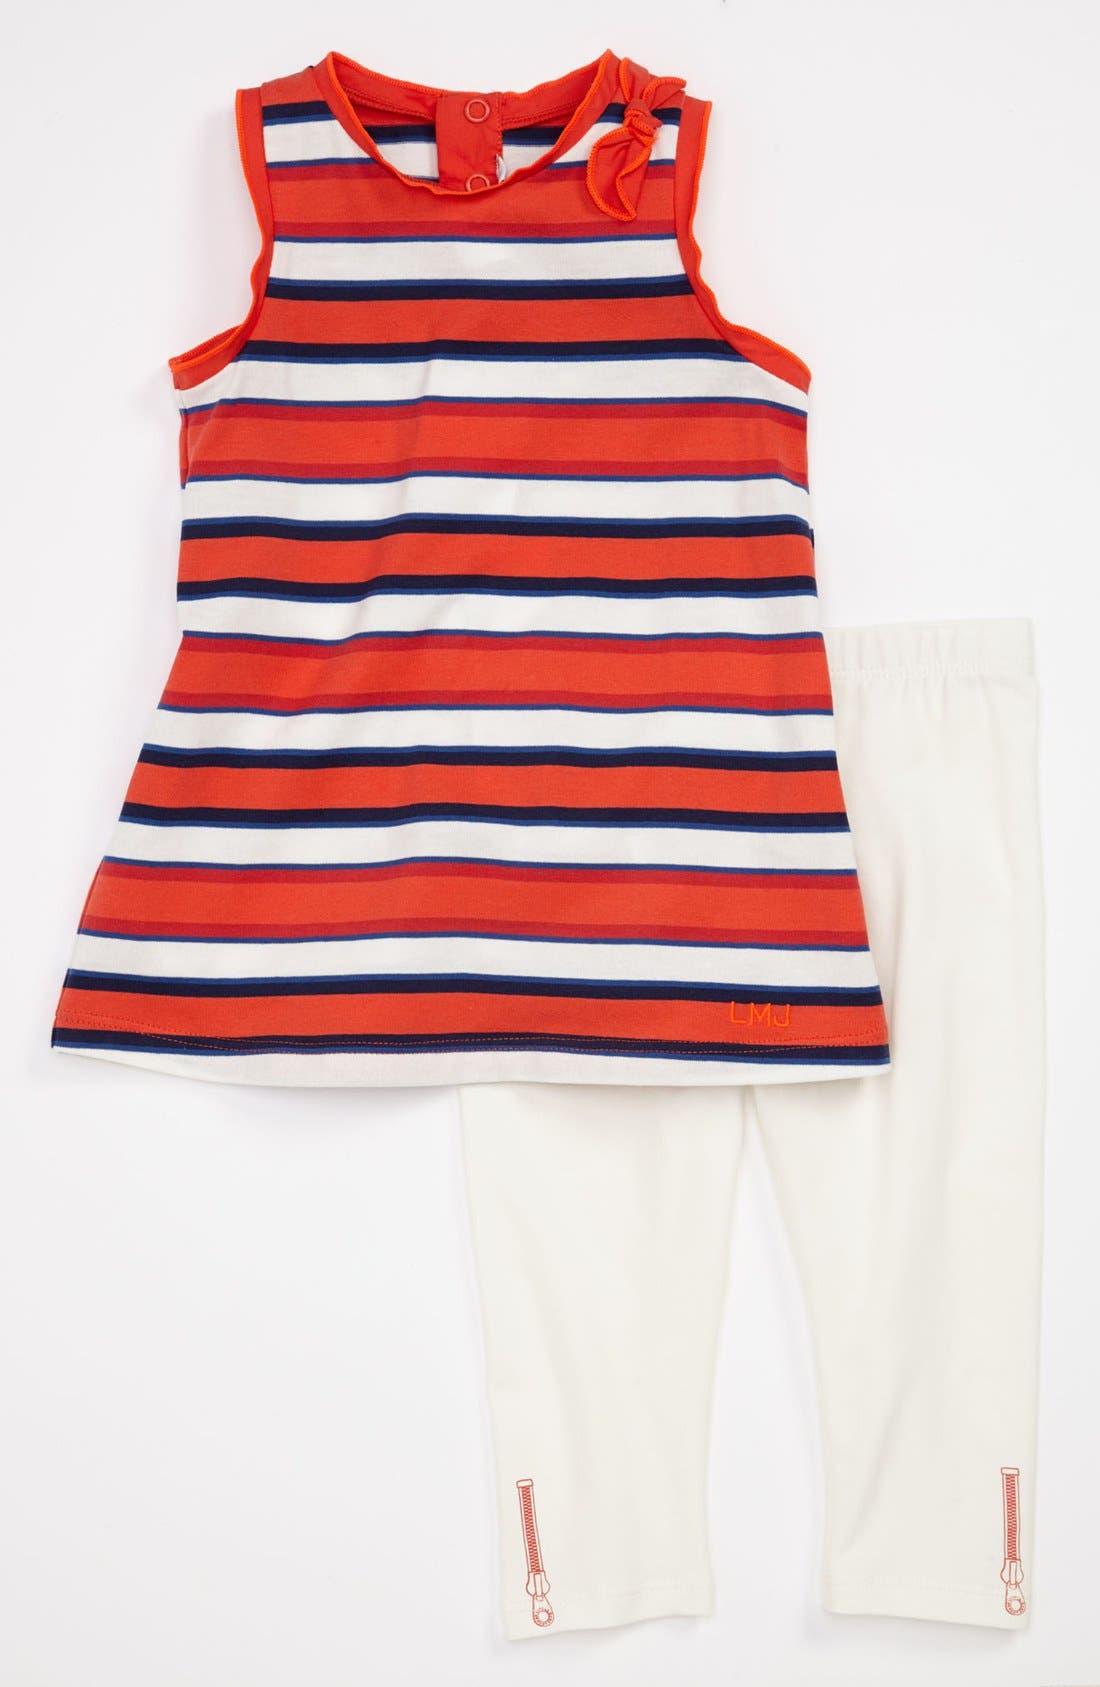 Alternate Image 1 Selected - LITTLE MARC JACOBS Stripe Dress & Leggings (Baby)